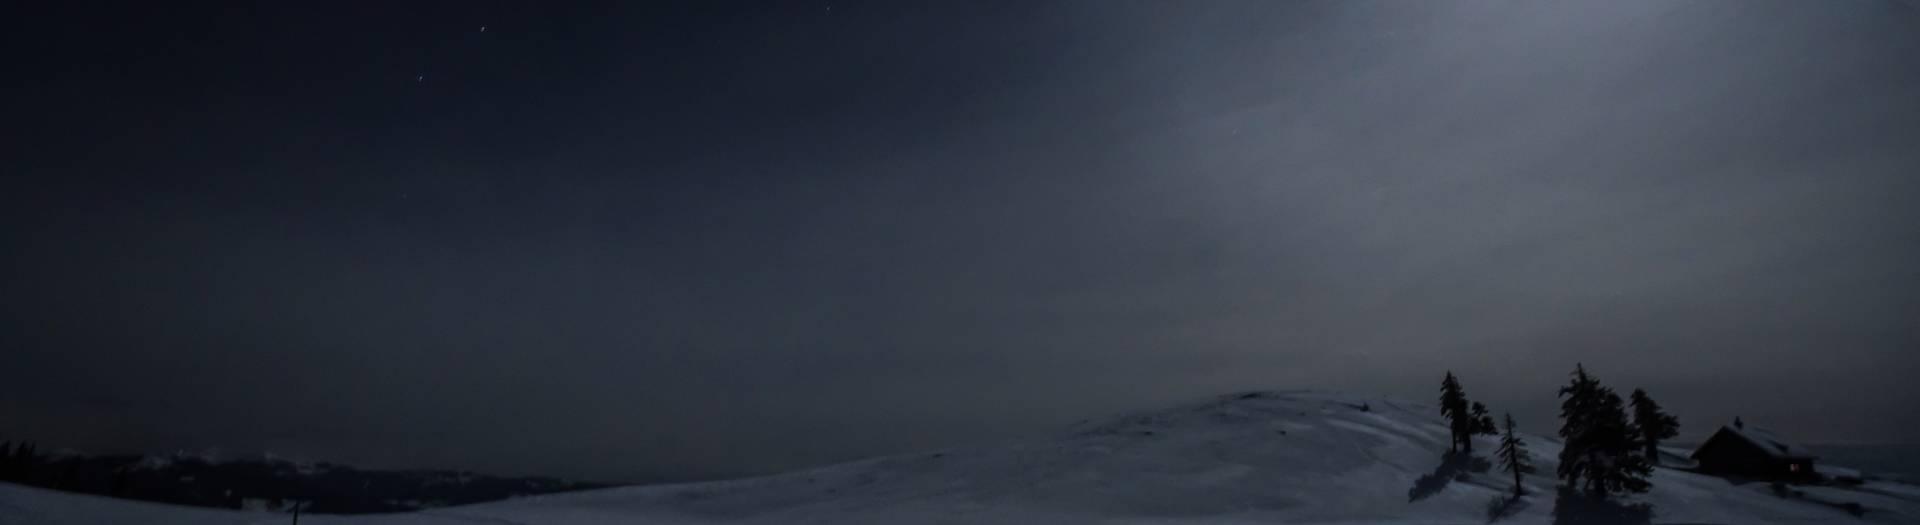 Mondlichtzauber im Naturpark Dobratsch